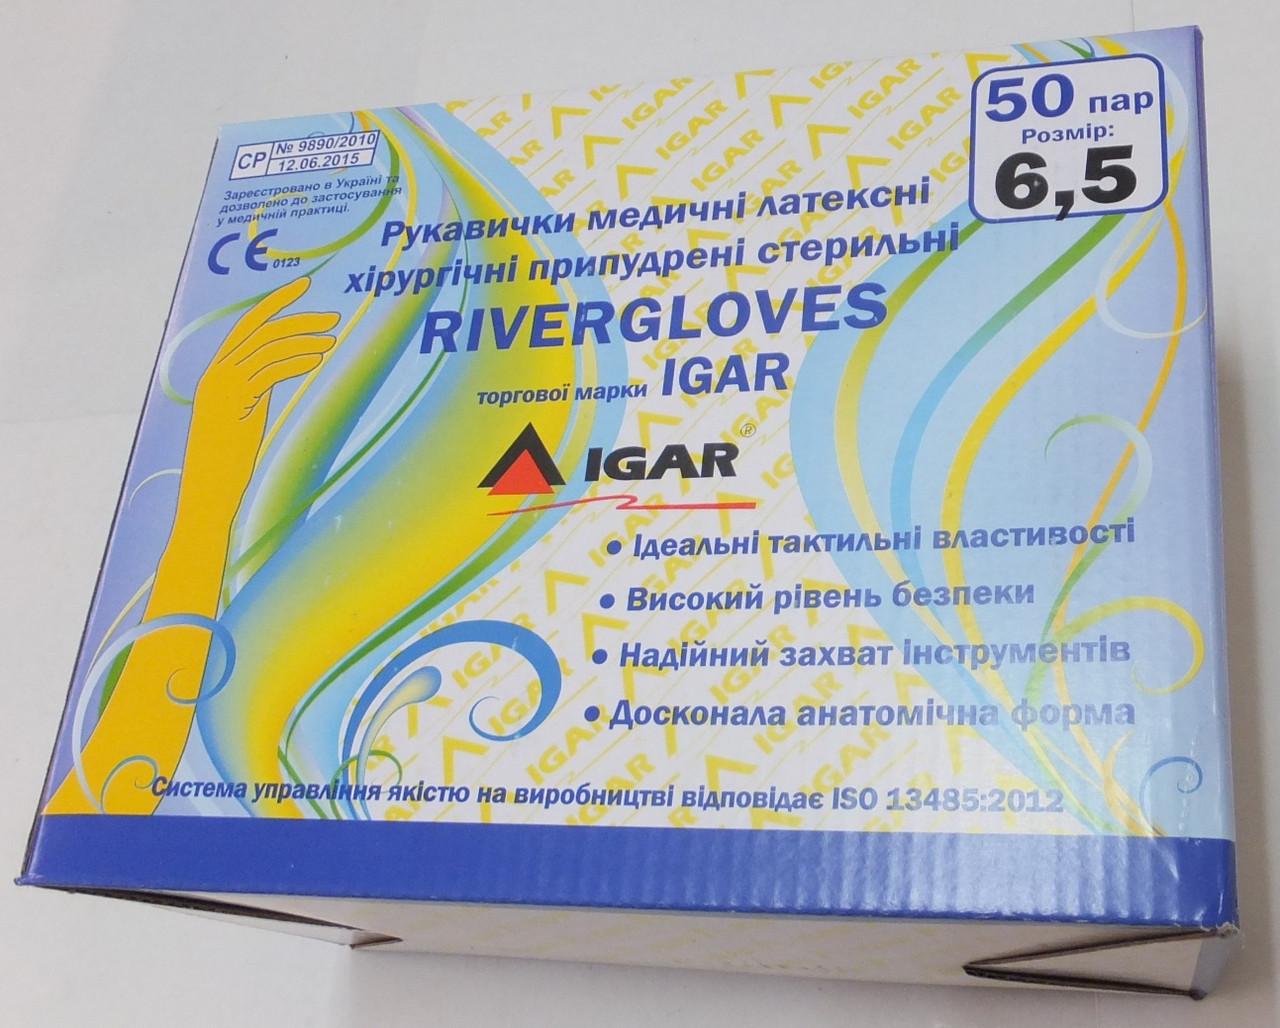 Перчатки медицинские, латексные хирургические опудренные стерильные (50пар/уп.) RIVERGLOVES IGAR